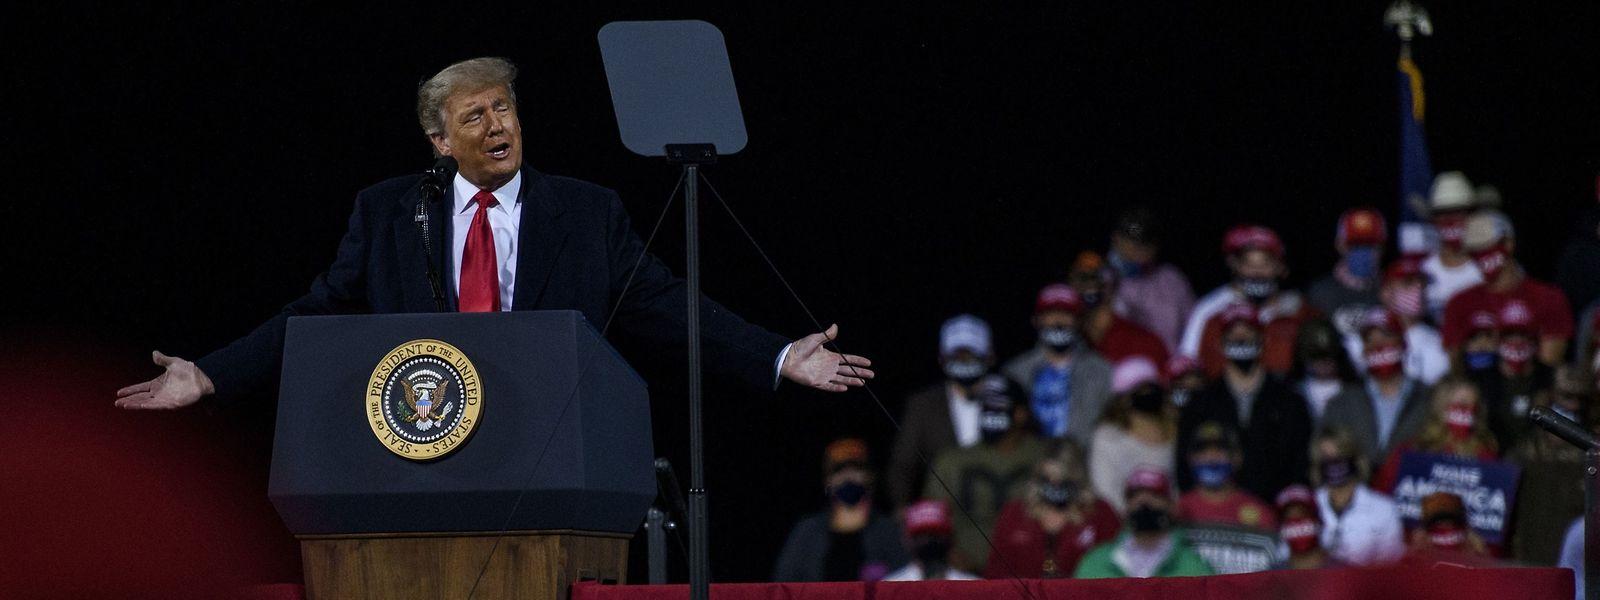 US-Präsident Donald Trump bei einer Wahlkampfveranstaltung in North Carolina am Samstag.